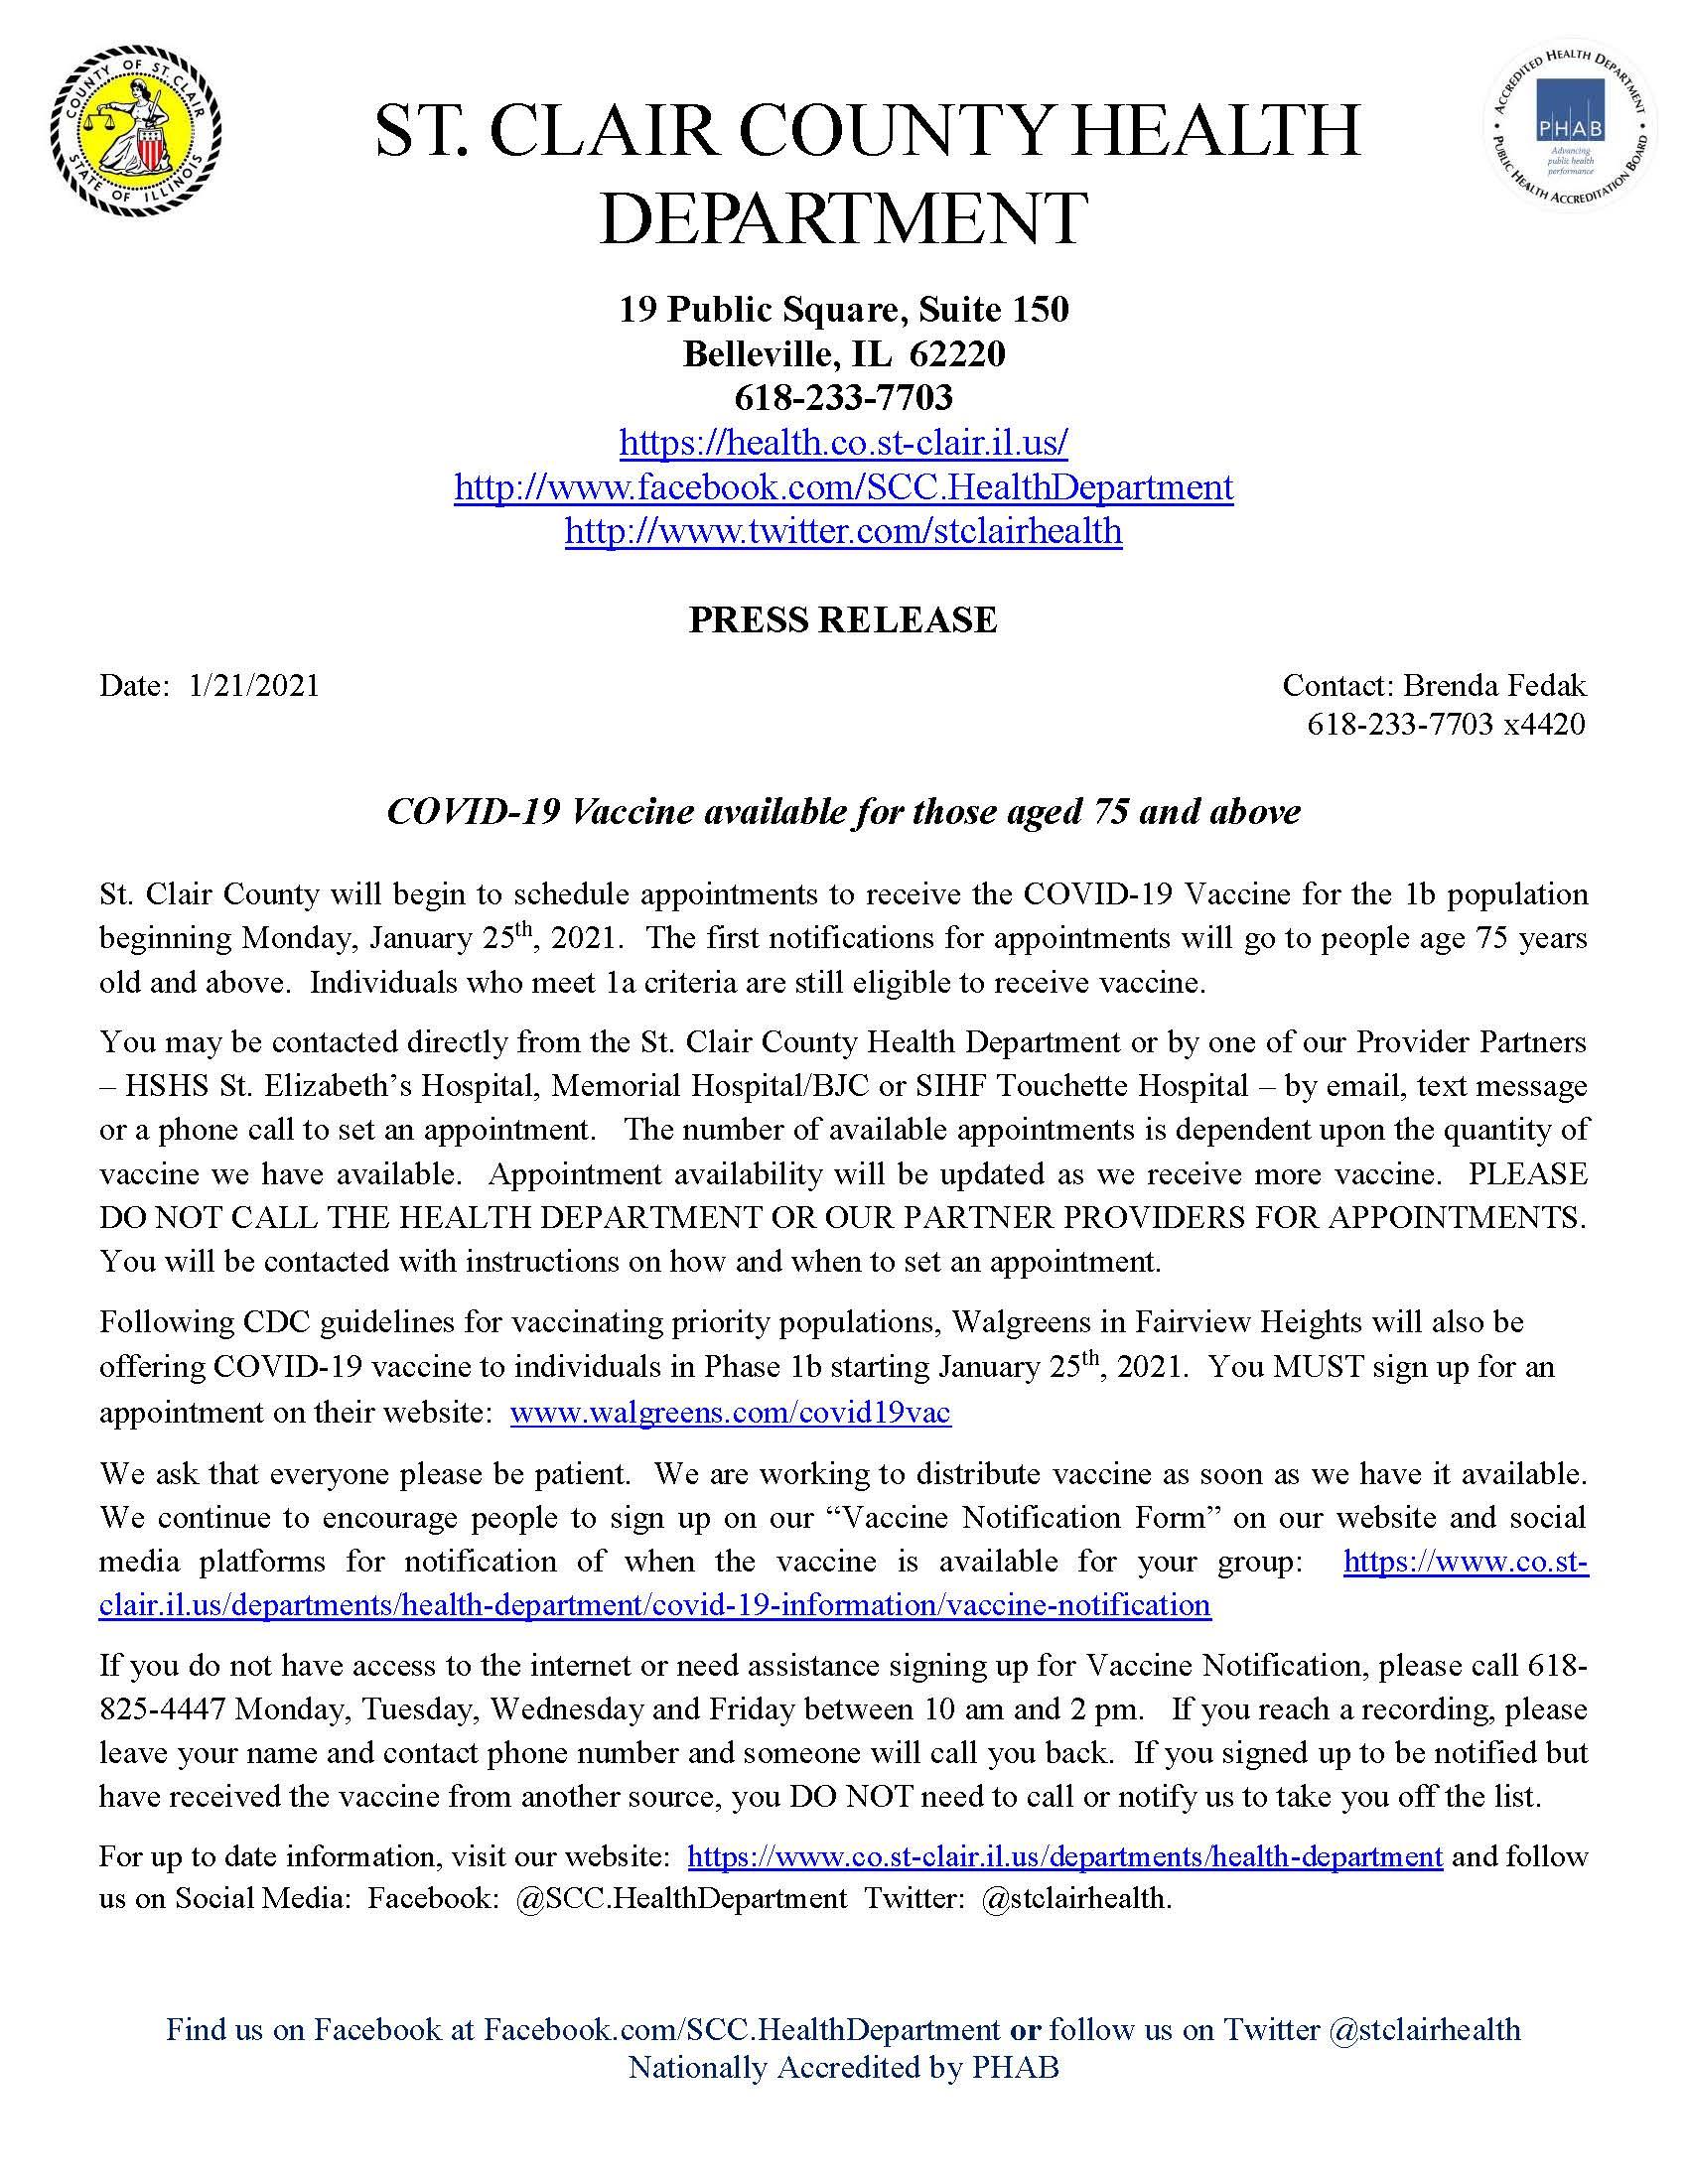 PRESS RELEASE SCCHD COVID Vaccine Update 1-21-2021_Page_1